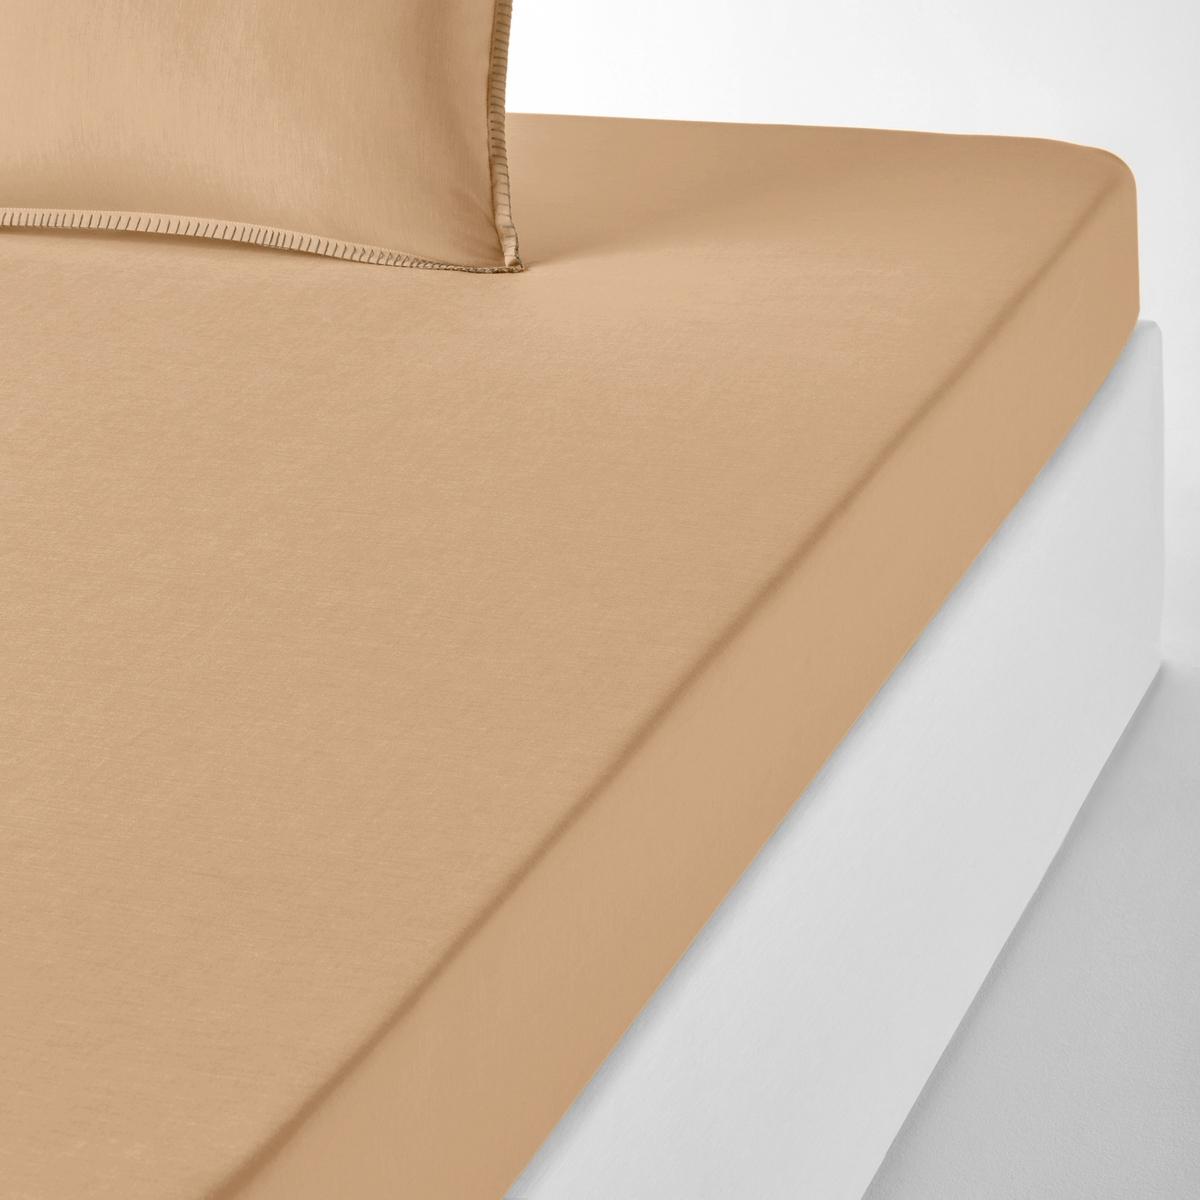 Простыня натяжная из шамбре, KOLZAНатяжная простыня из ткани шамбре Kolza. Постельное белье Kolza модных расцветок из ткани шамбре, 100% хлопок, комфортное и очаровательное постельное белье в минималистском стиле.Характеристики натяжной простыни Kolza : Ткань шамбре, 100% хлопок, качество Best, 57 нитей/см? : чем больше нитей/см?, тем выше качество материала.Отделка в виде контрастных швов цвета небеленой ткани.Машинная стирка при 60 °С. Весь комплект постельного белья из шамбре Kolza Вы найдете на laredoute.ruЗнак Oeko-Tex® гарантирует, что товары прошли проверку и были изготовлены без применения вредных для здоровья человека веществ. Размеры : 90 x 190 см : 1-сп. 140 x 190 см : 2-сп. 160 x 200 см : 2-сп.180 x 200 см : 2-сп.<br><br>Цвет: желтый кукурузный,сероватый,серо-зеленый,серо-коричневый,терракота